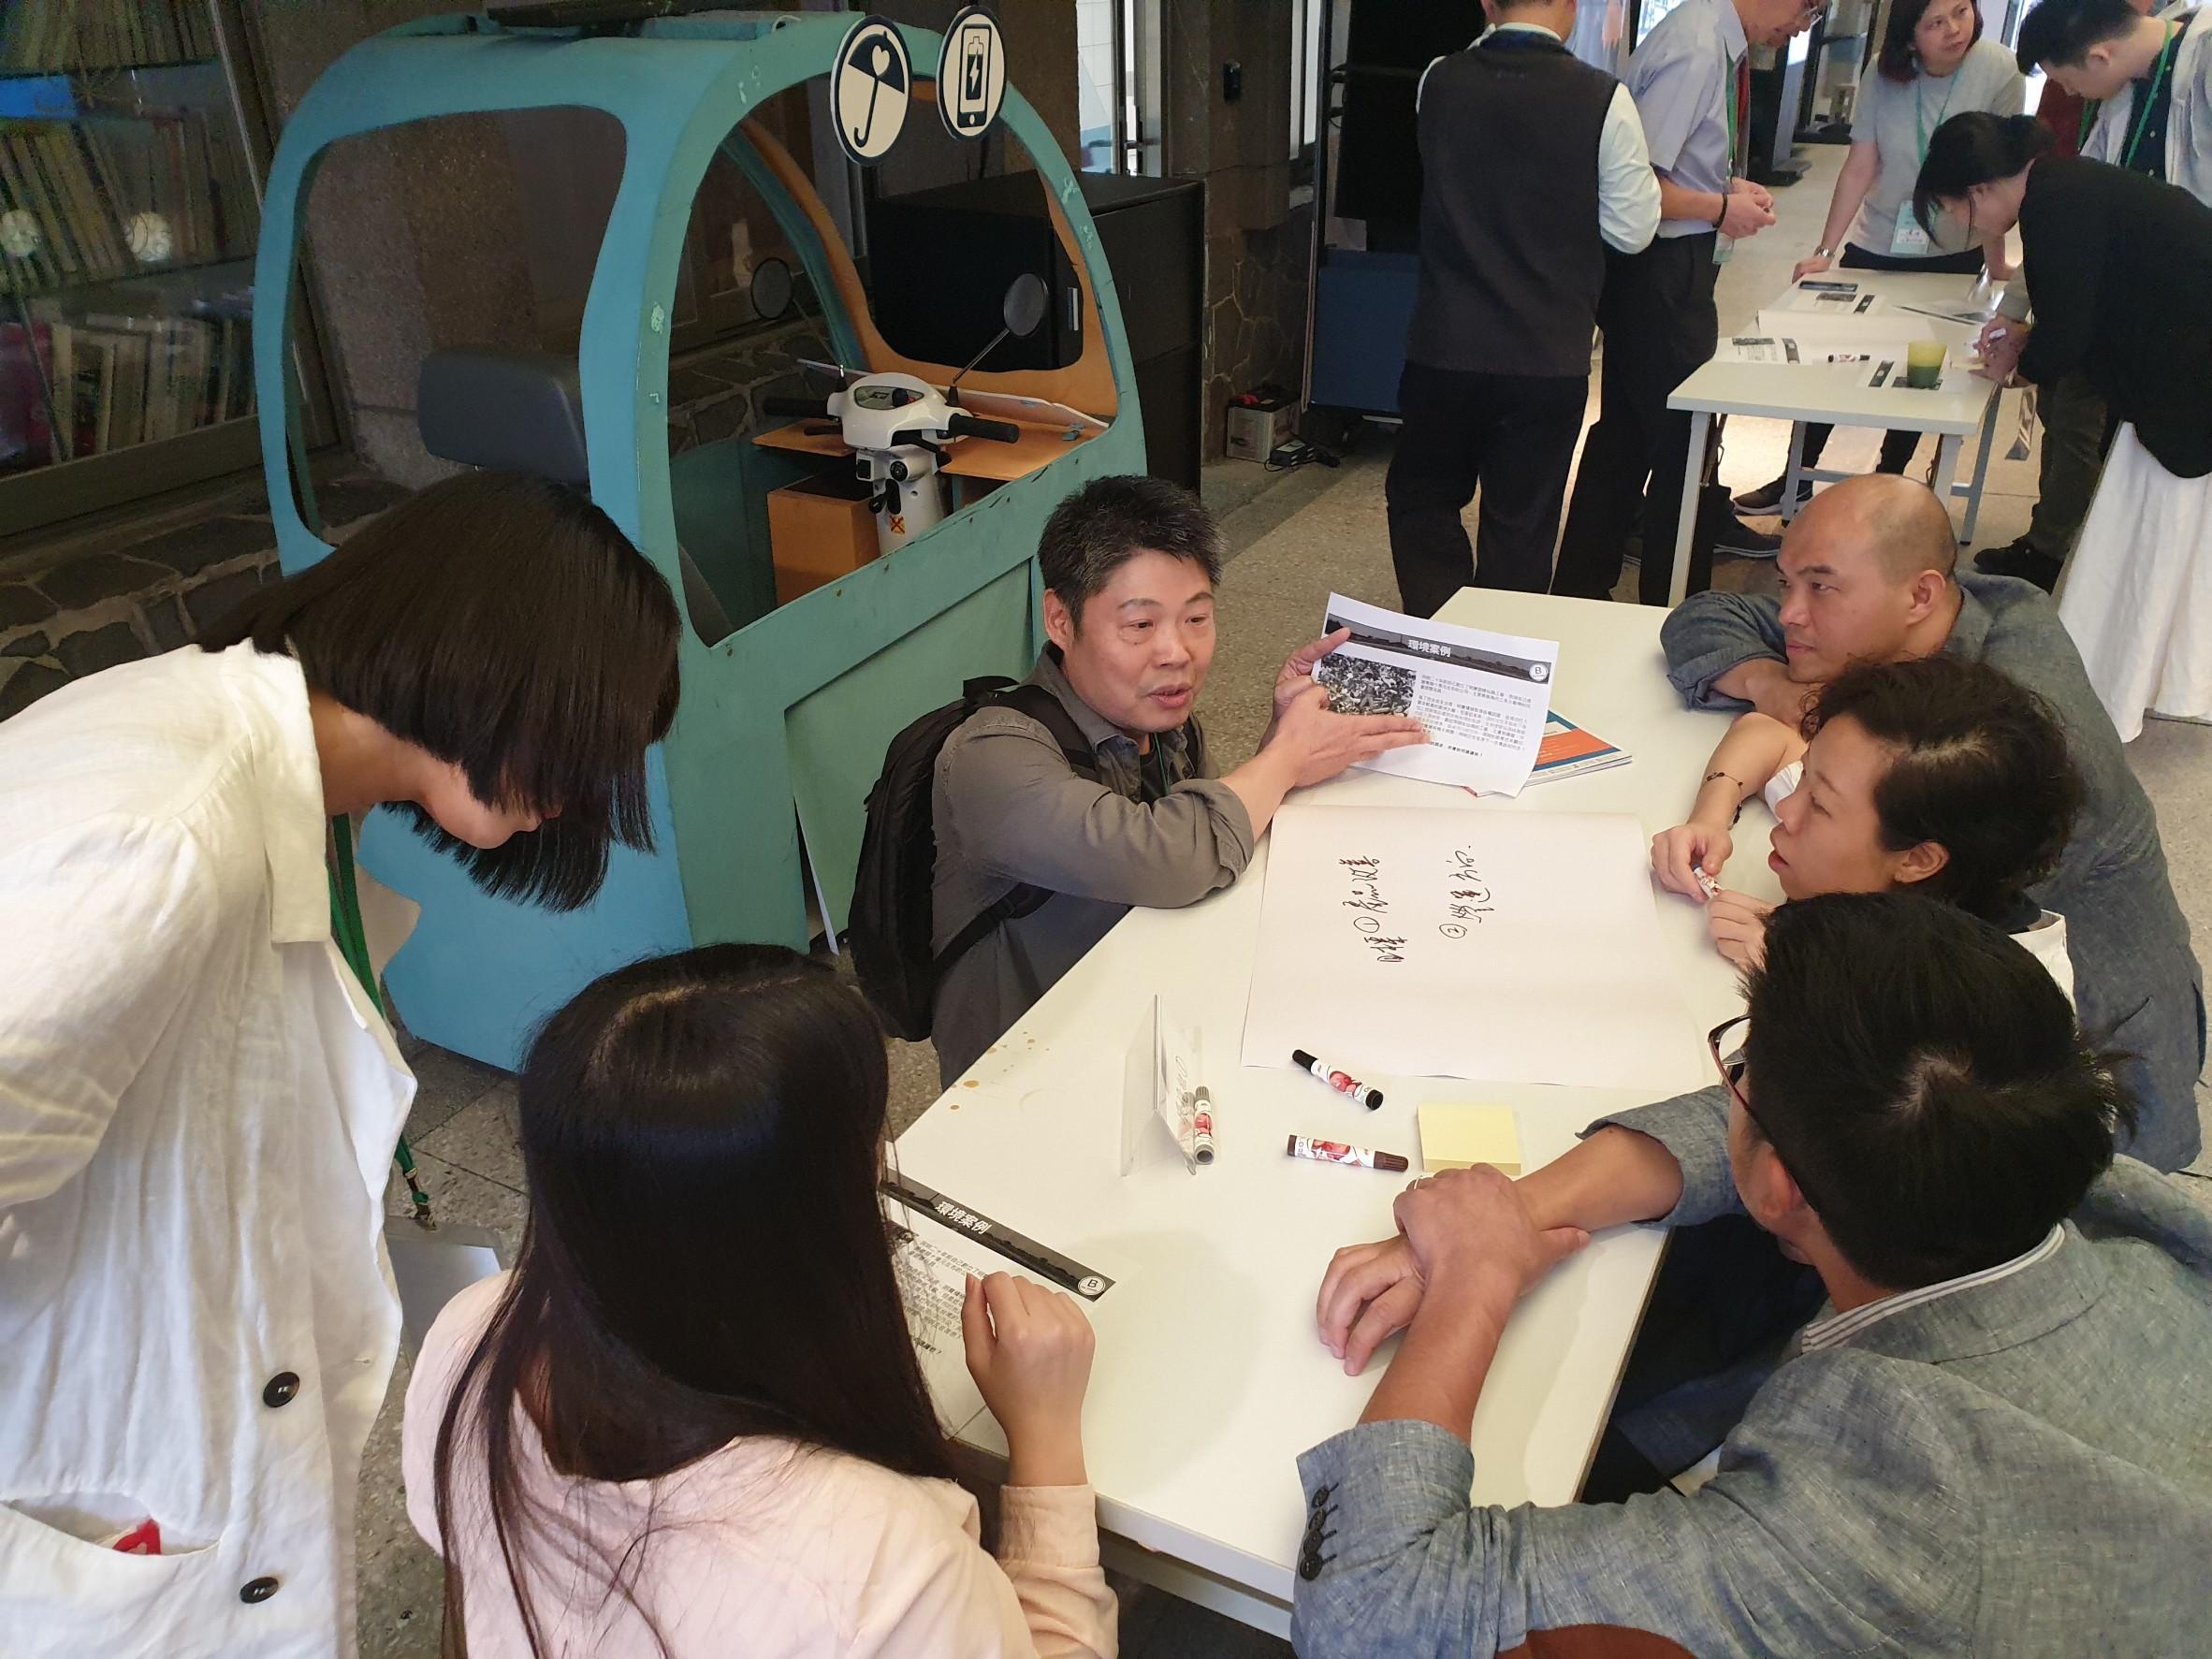 圖說:分組案例討論競賽,蹲著討論更有創造力!